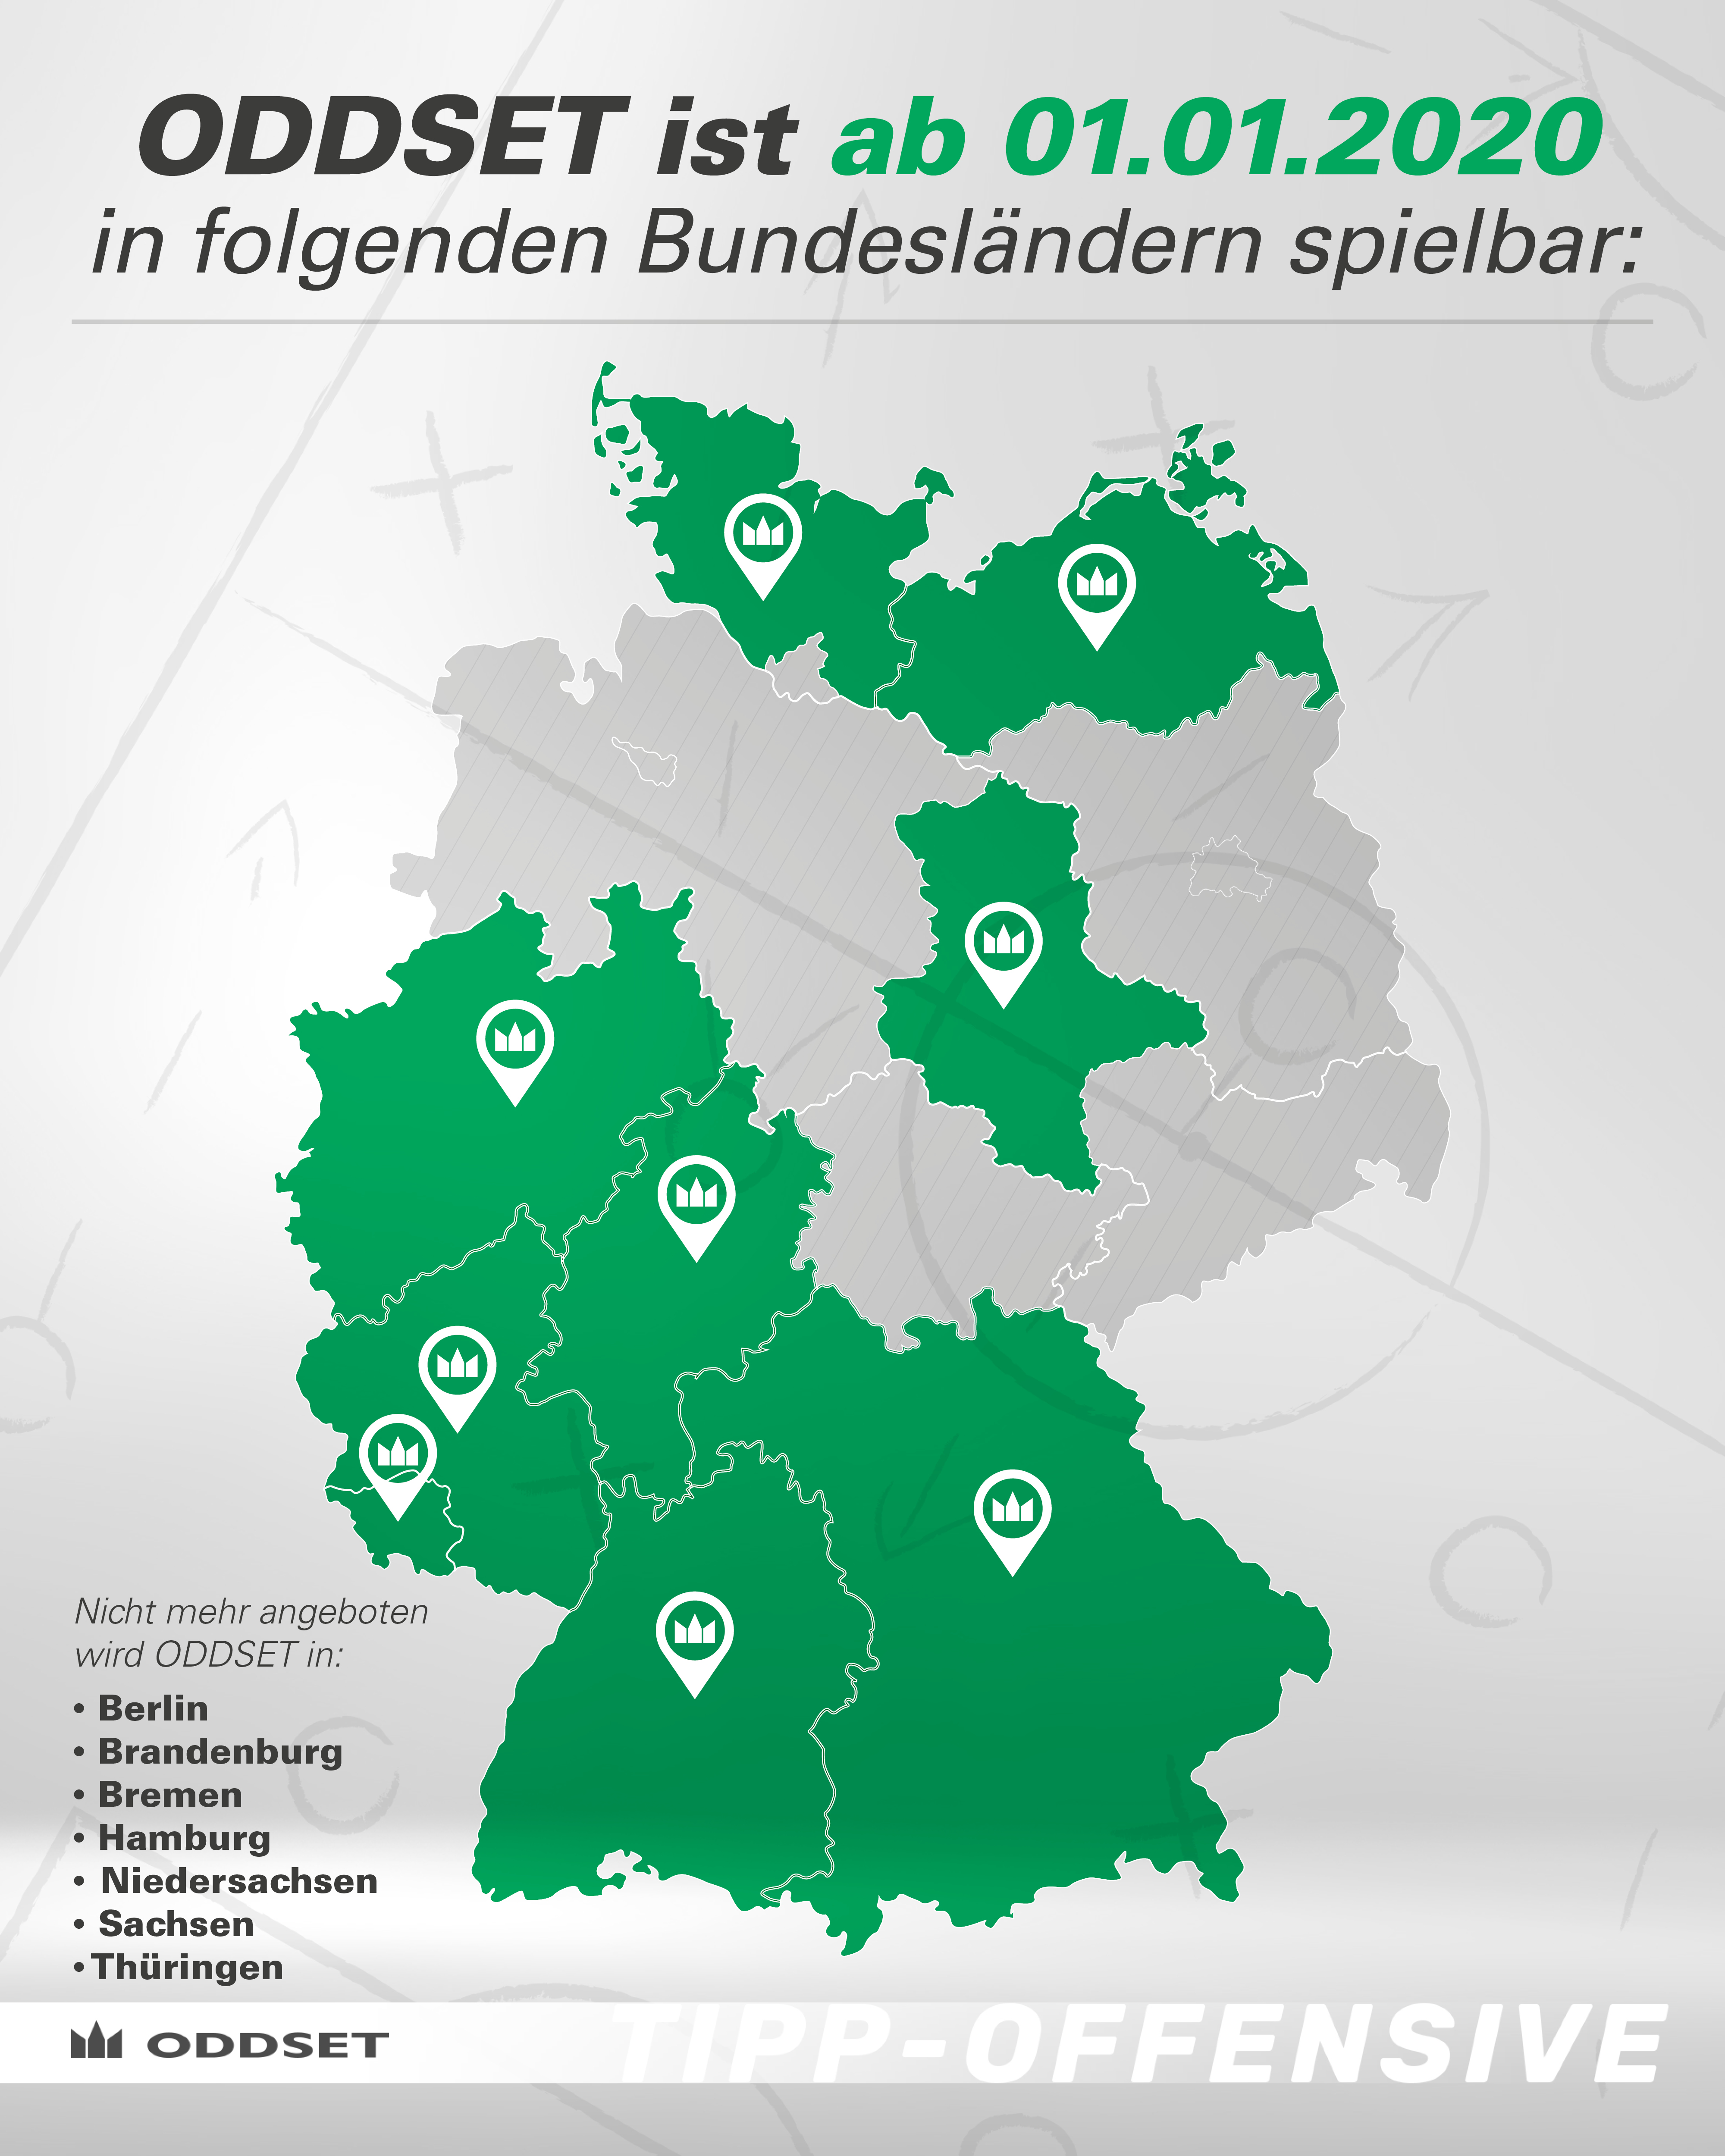 In diesen Bundesländern kann man ab dem 1. Jan 2020 ODDSET in den LOTTO-Annahmnestellen spielen.